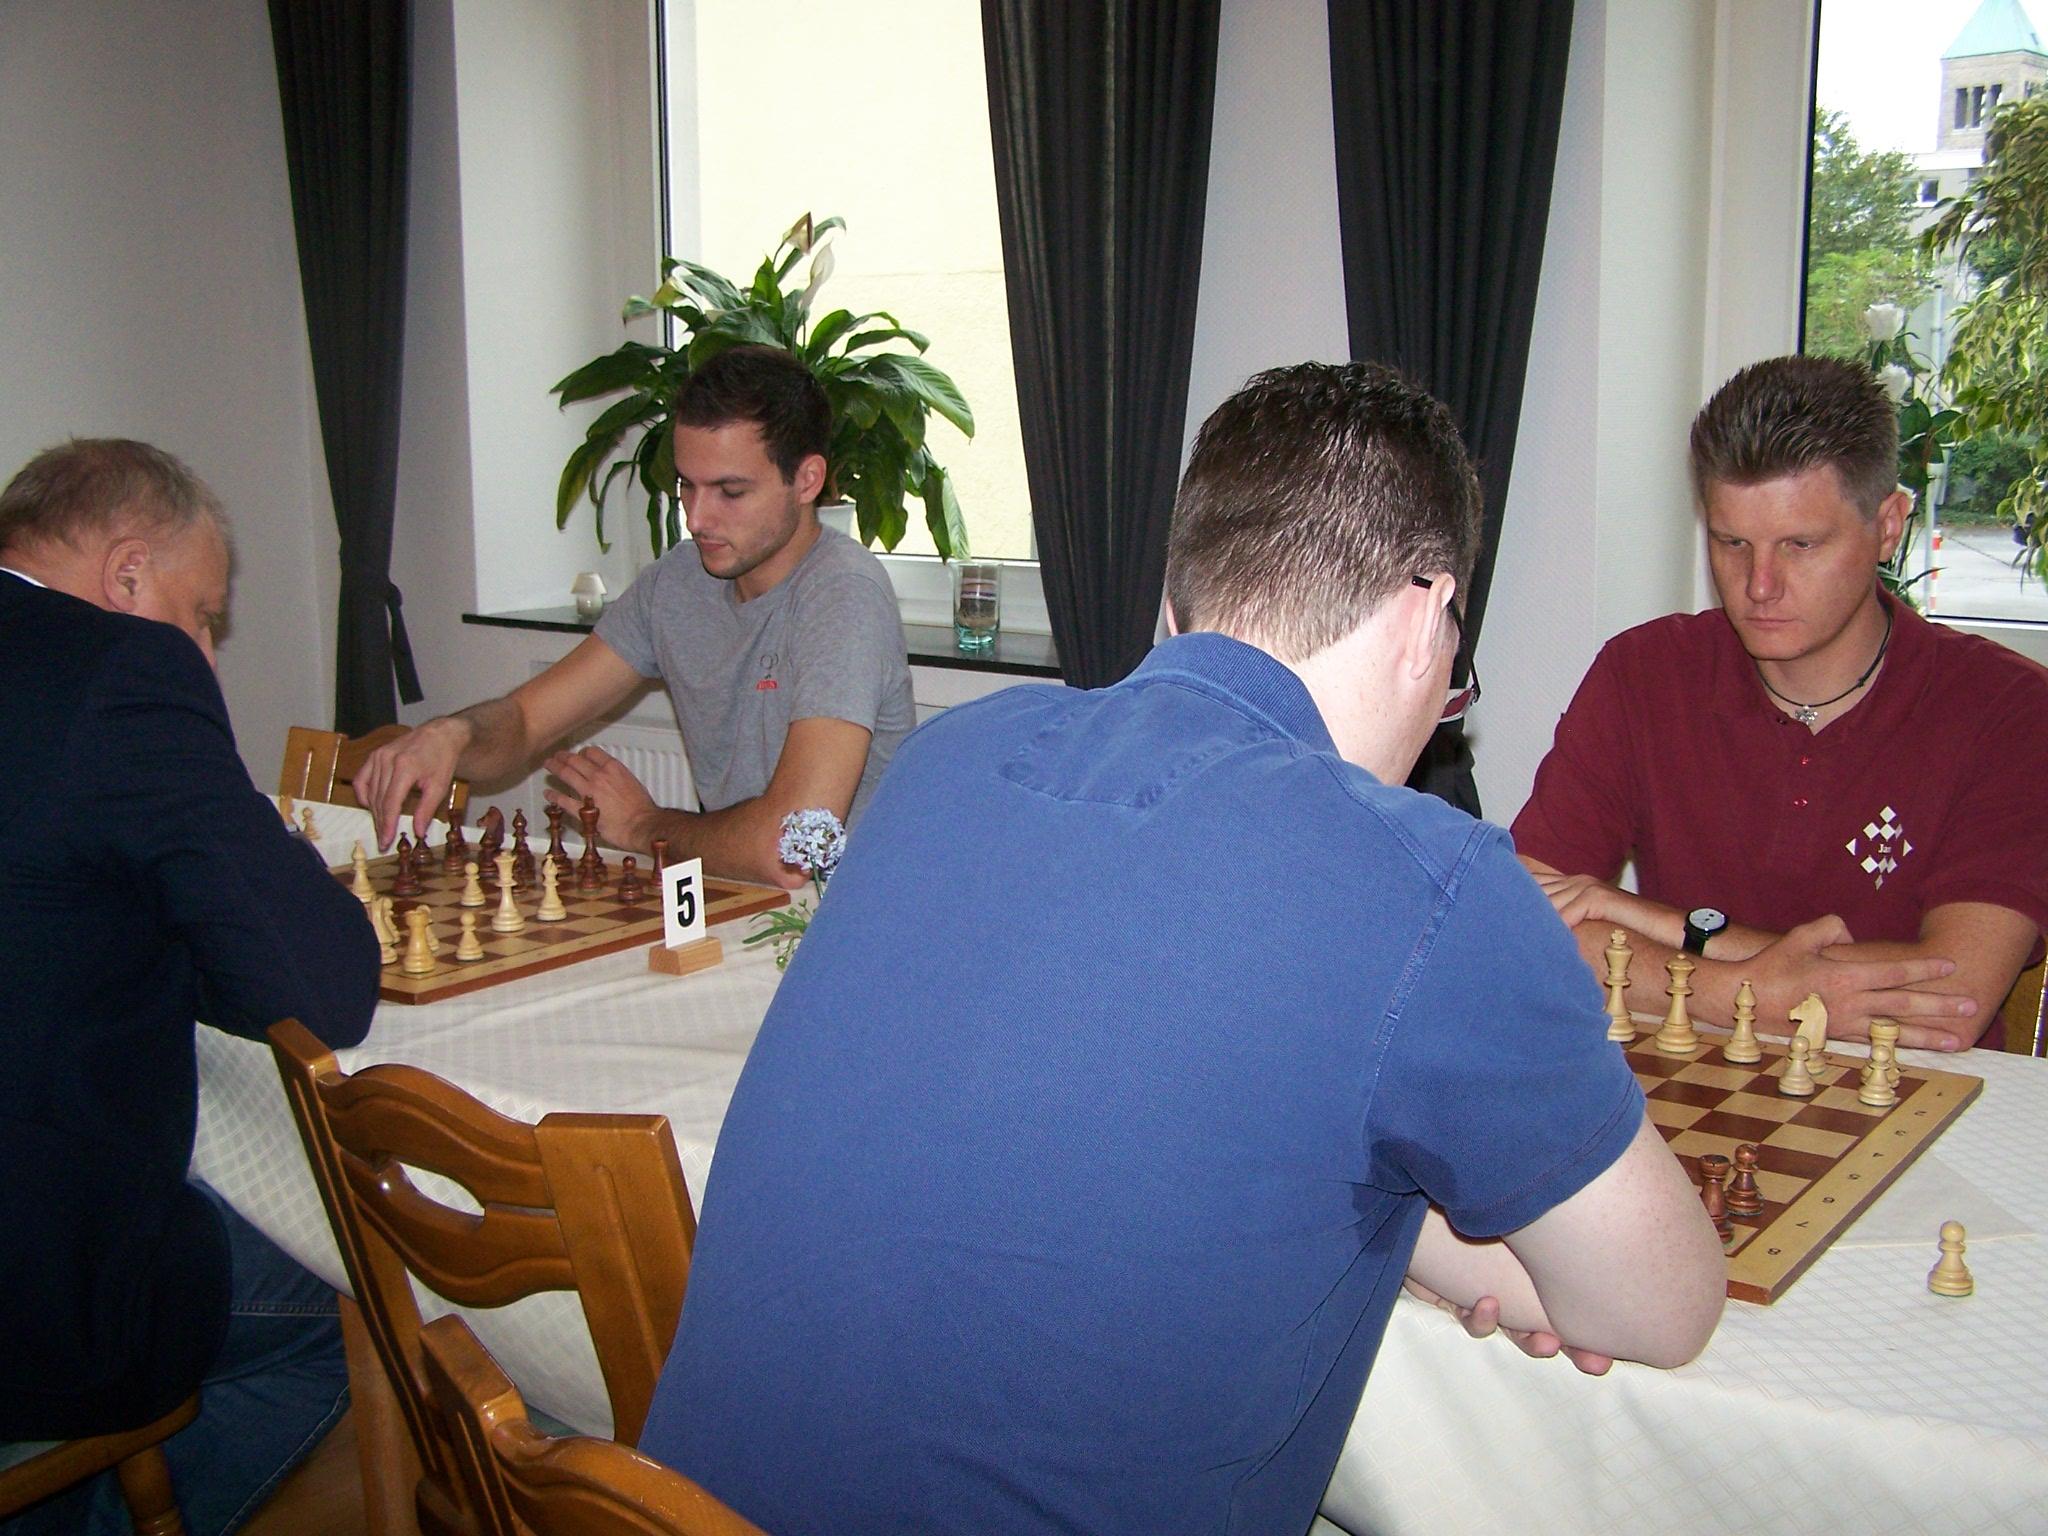 Jan Rolf - Ben Sitton und Adri Timmermans - Michael Glahn